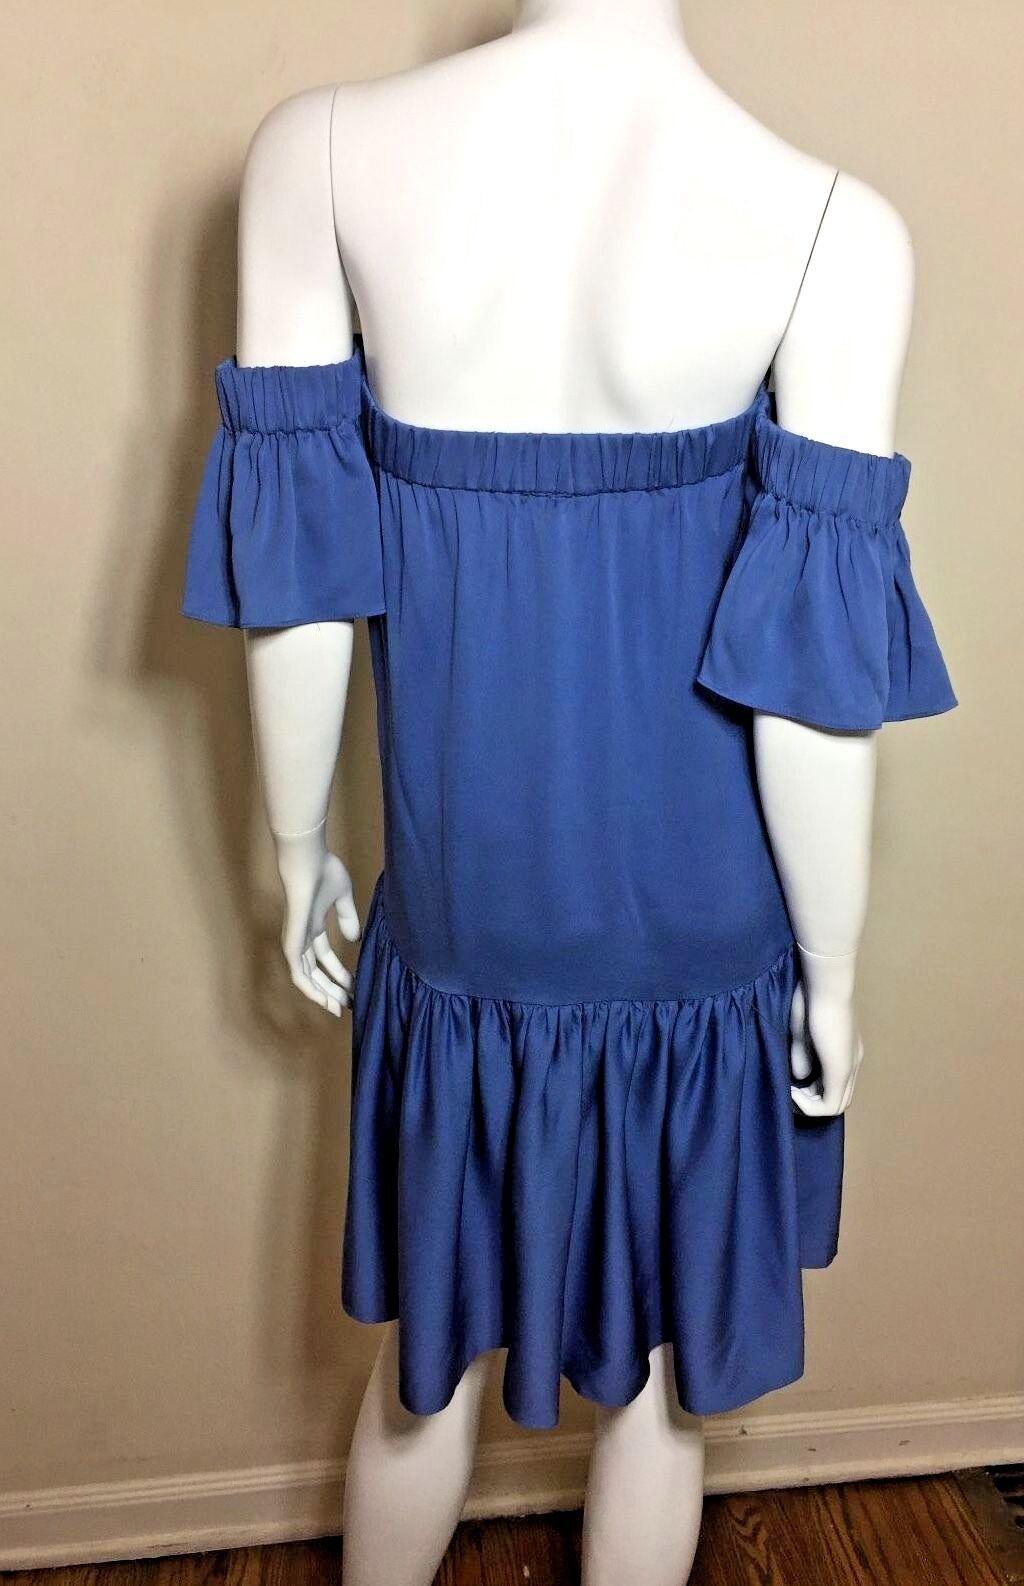 NWT Milly Off The Shoulder Shoulder Shoulder Flutter Dress in Steel bluee Size P  450.00 6588f9